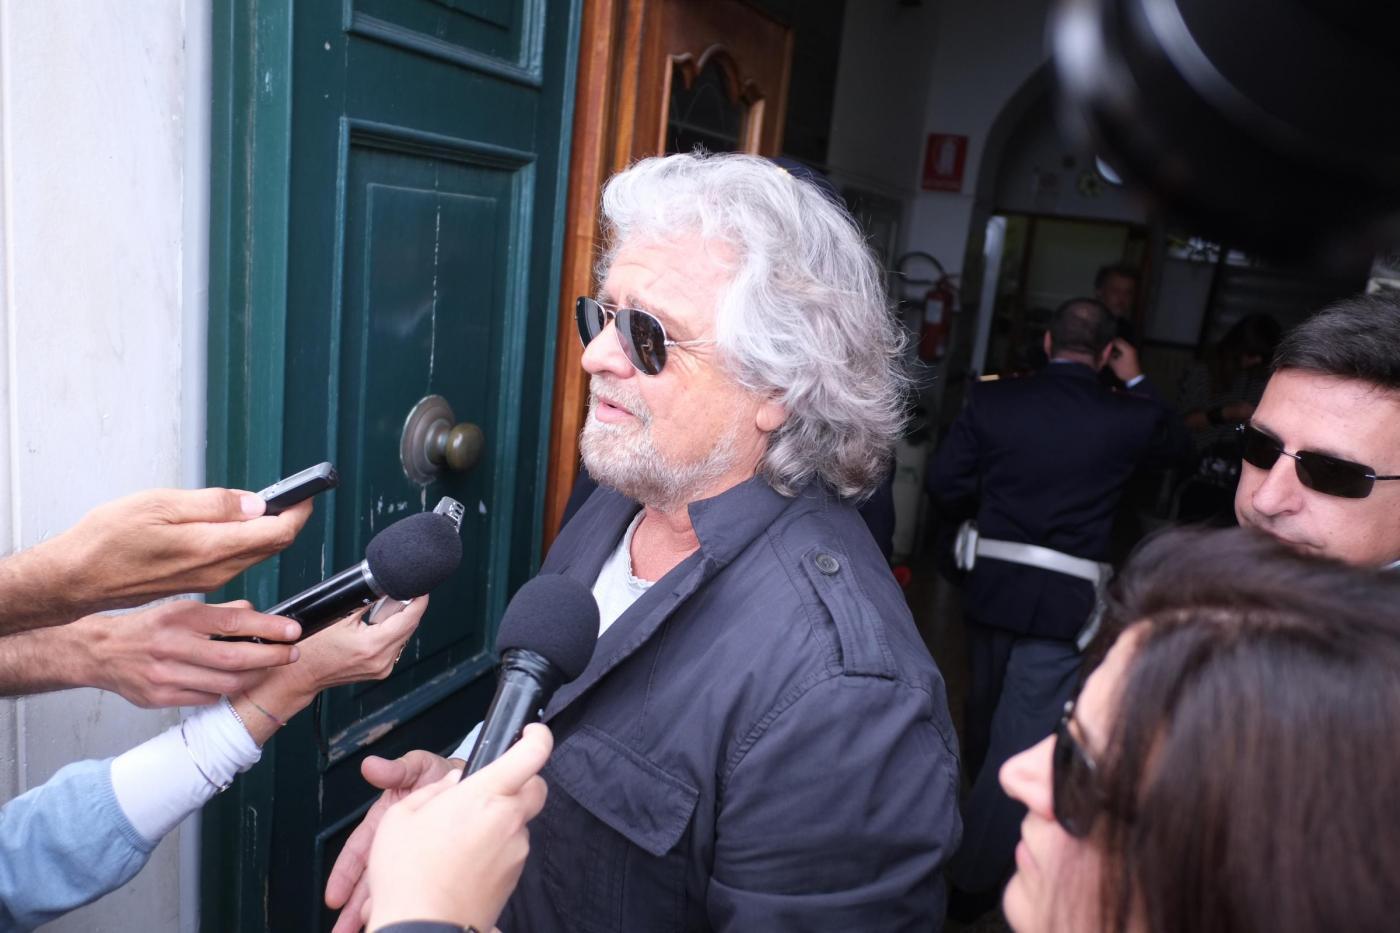 Movimento 5 Stelle perde consensi e voti, ma Grillo grida alla teoria del complotto: la verità sui brogli elettorali